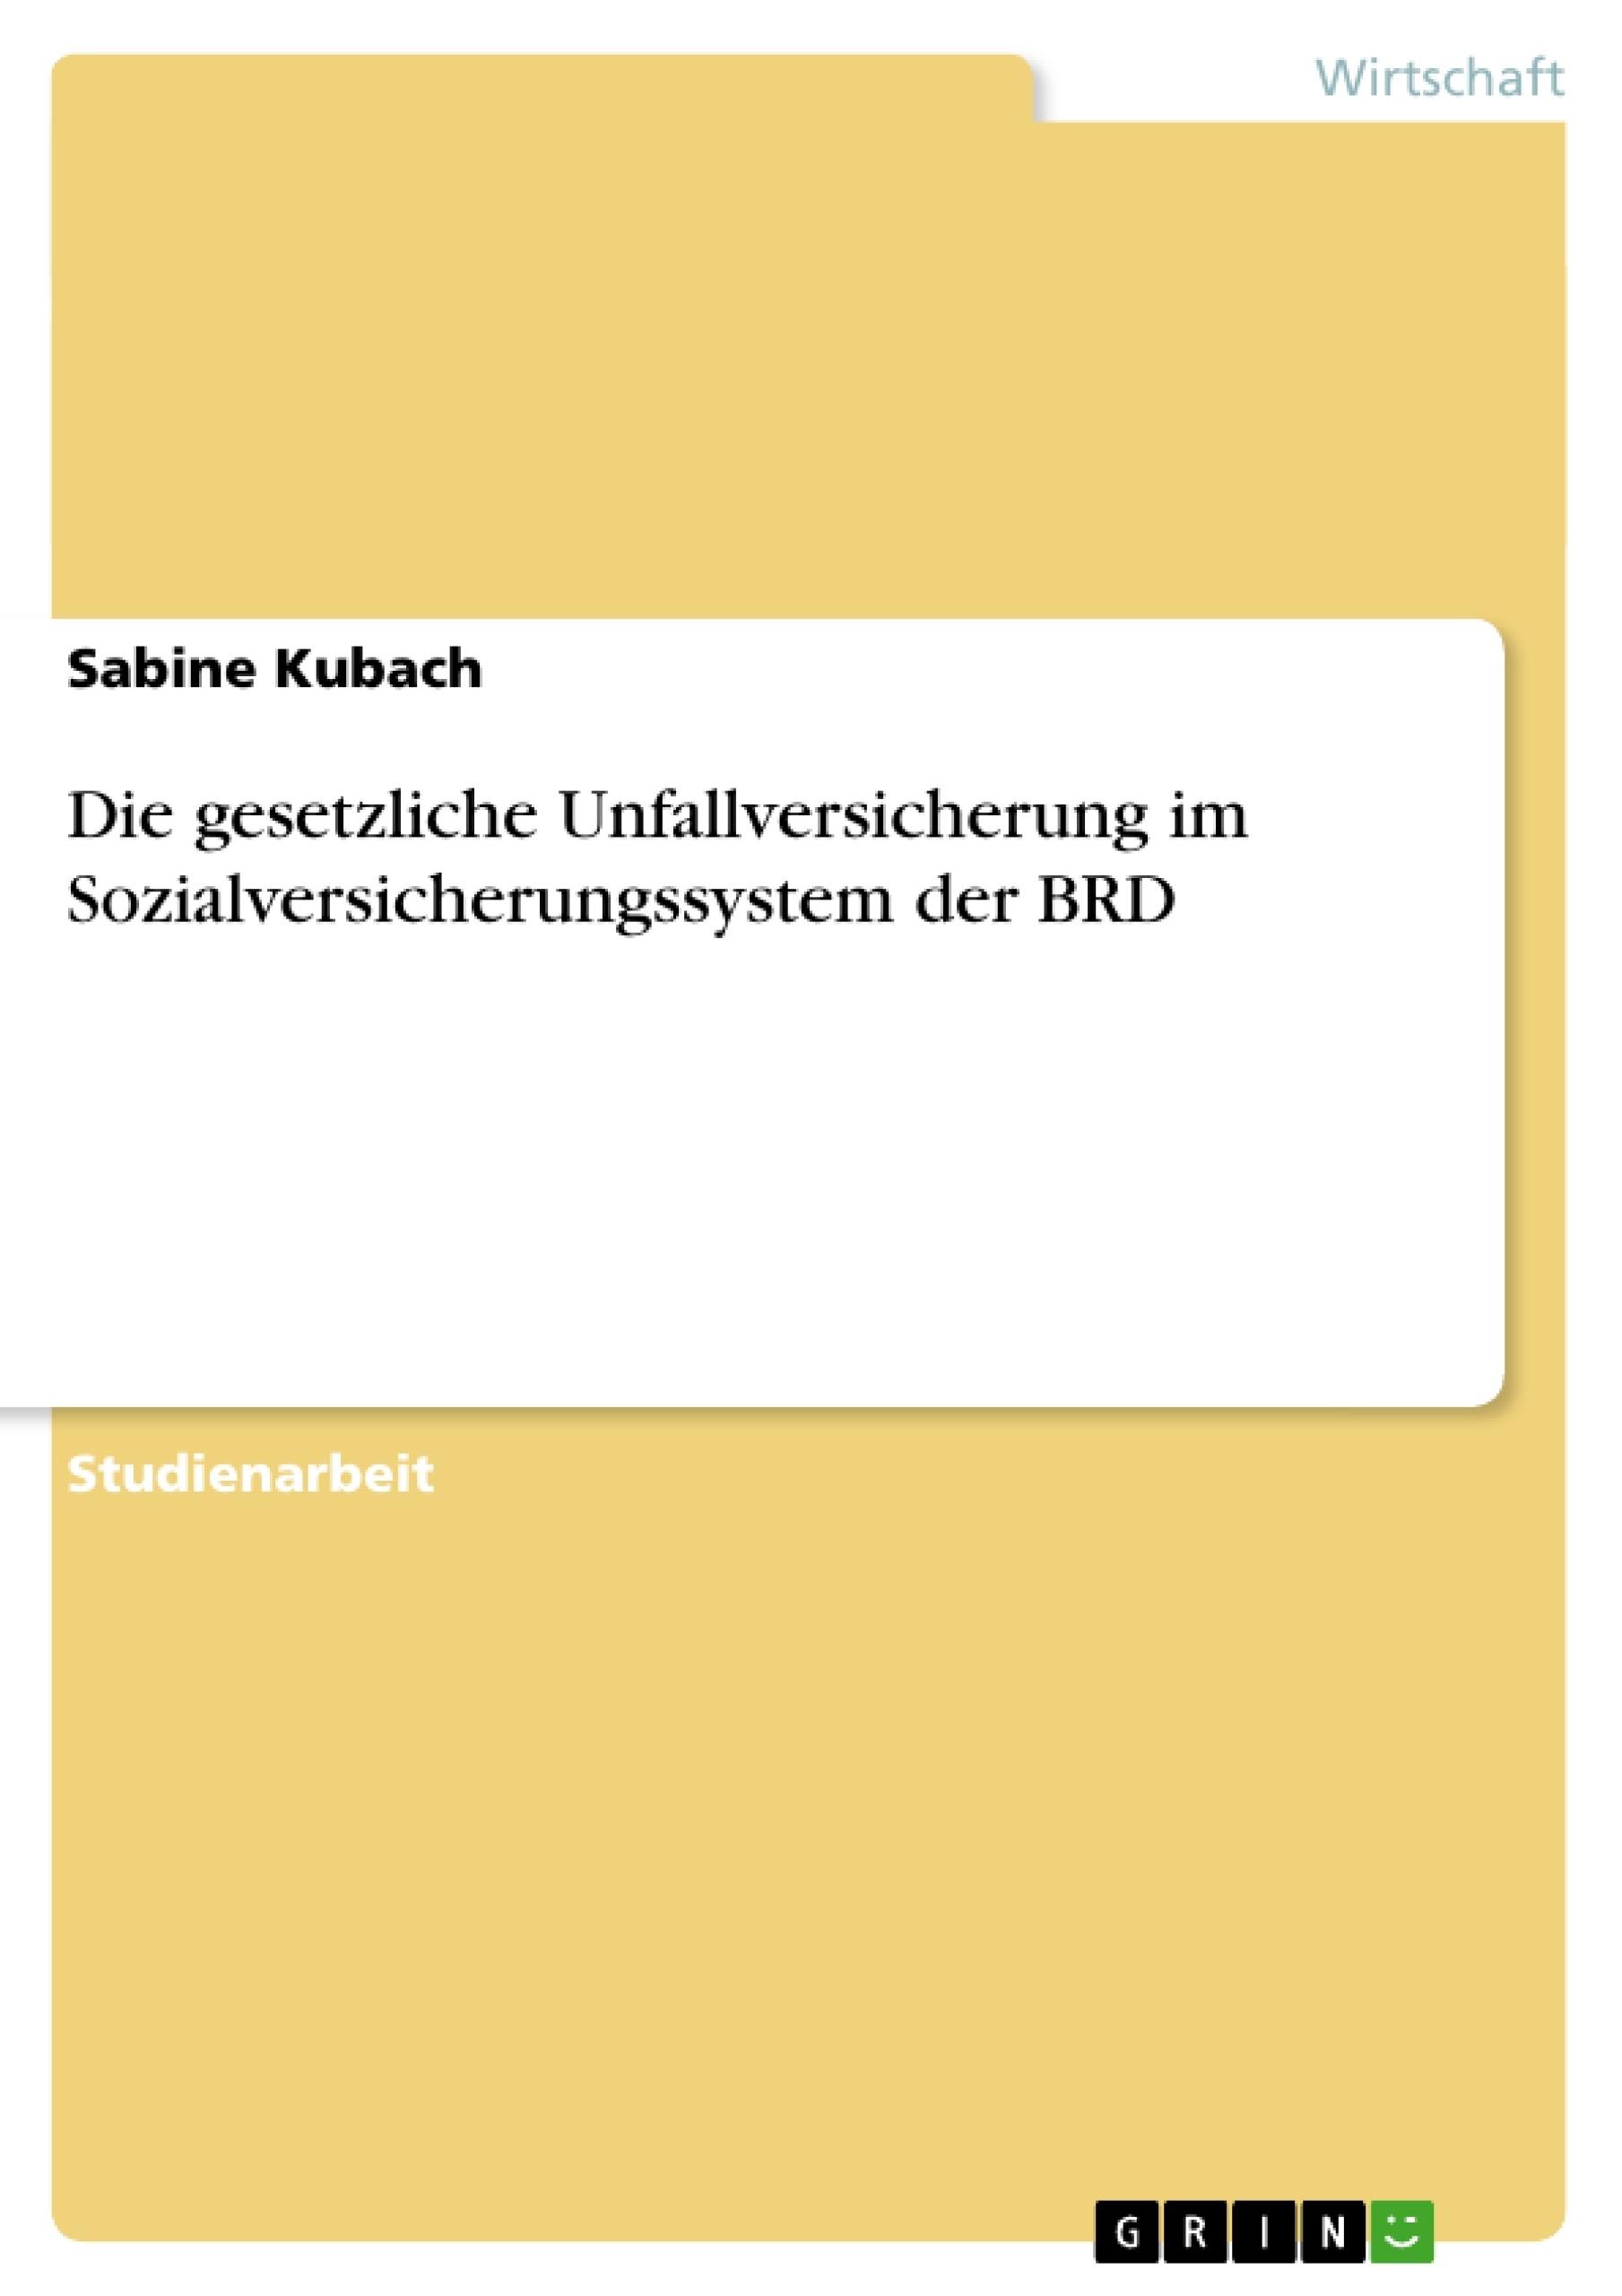 Titel: Die gesetzliche Unfallversicherung im Sozialversicherungssystem der BRD